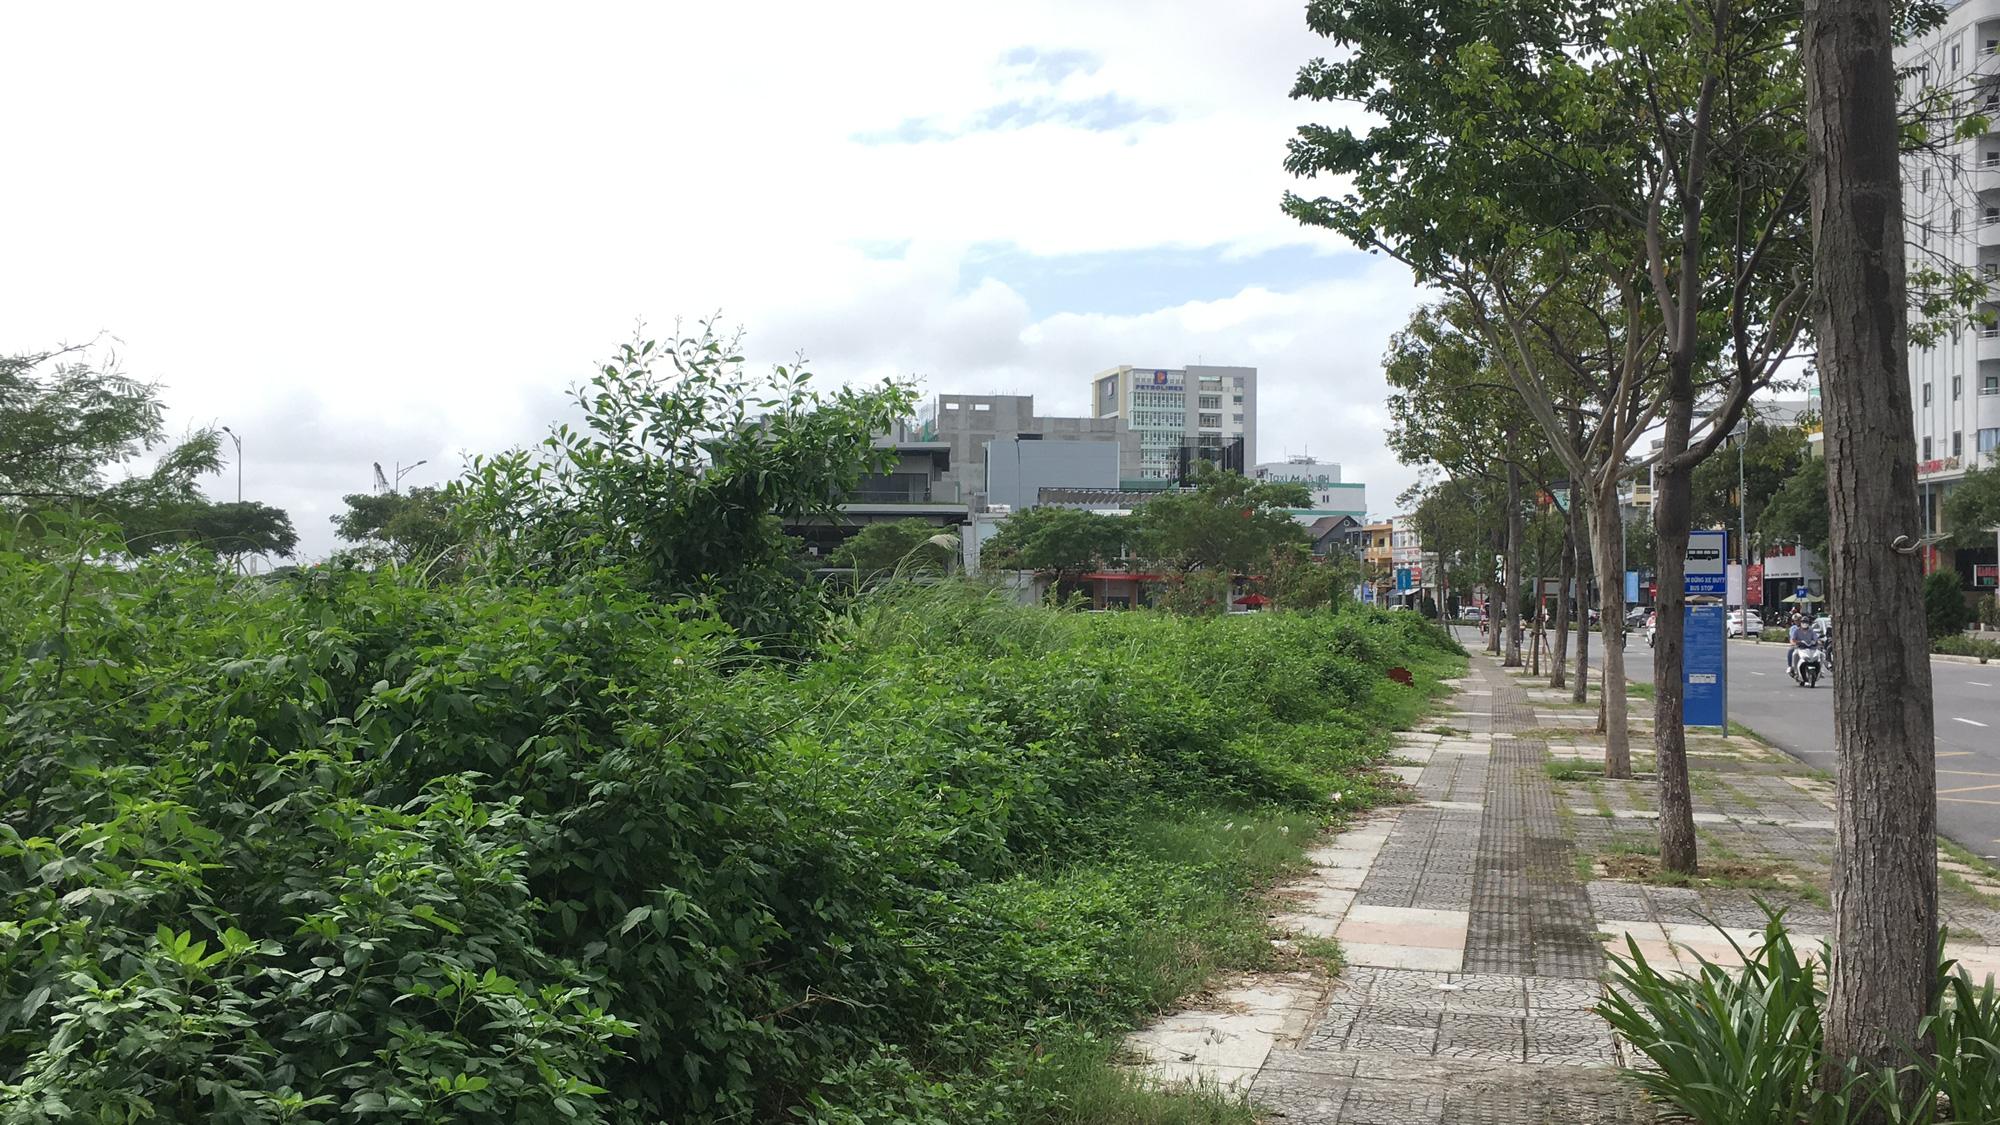 Cận cảnh 'đất vàng' Đà Nẵng làm công viên sách, mở rộng công viên APEC - Ảnh 8.